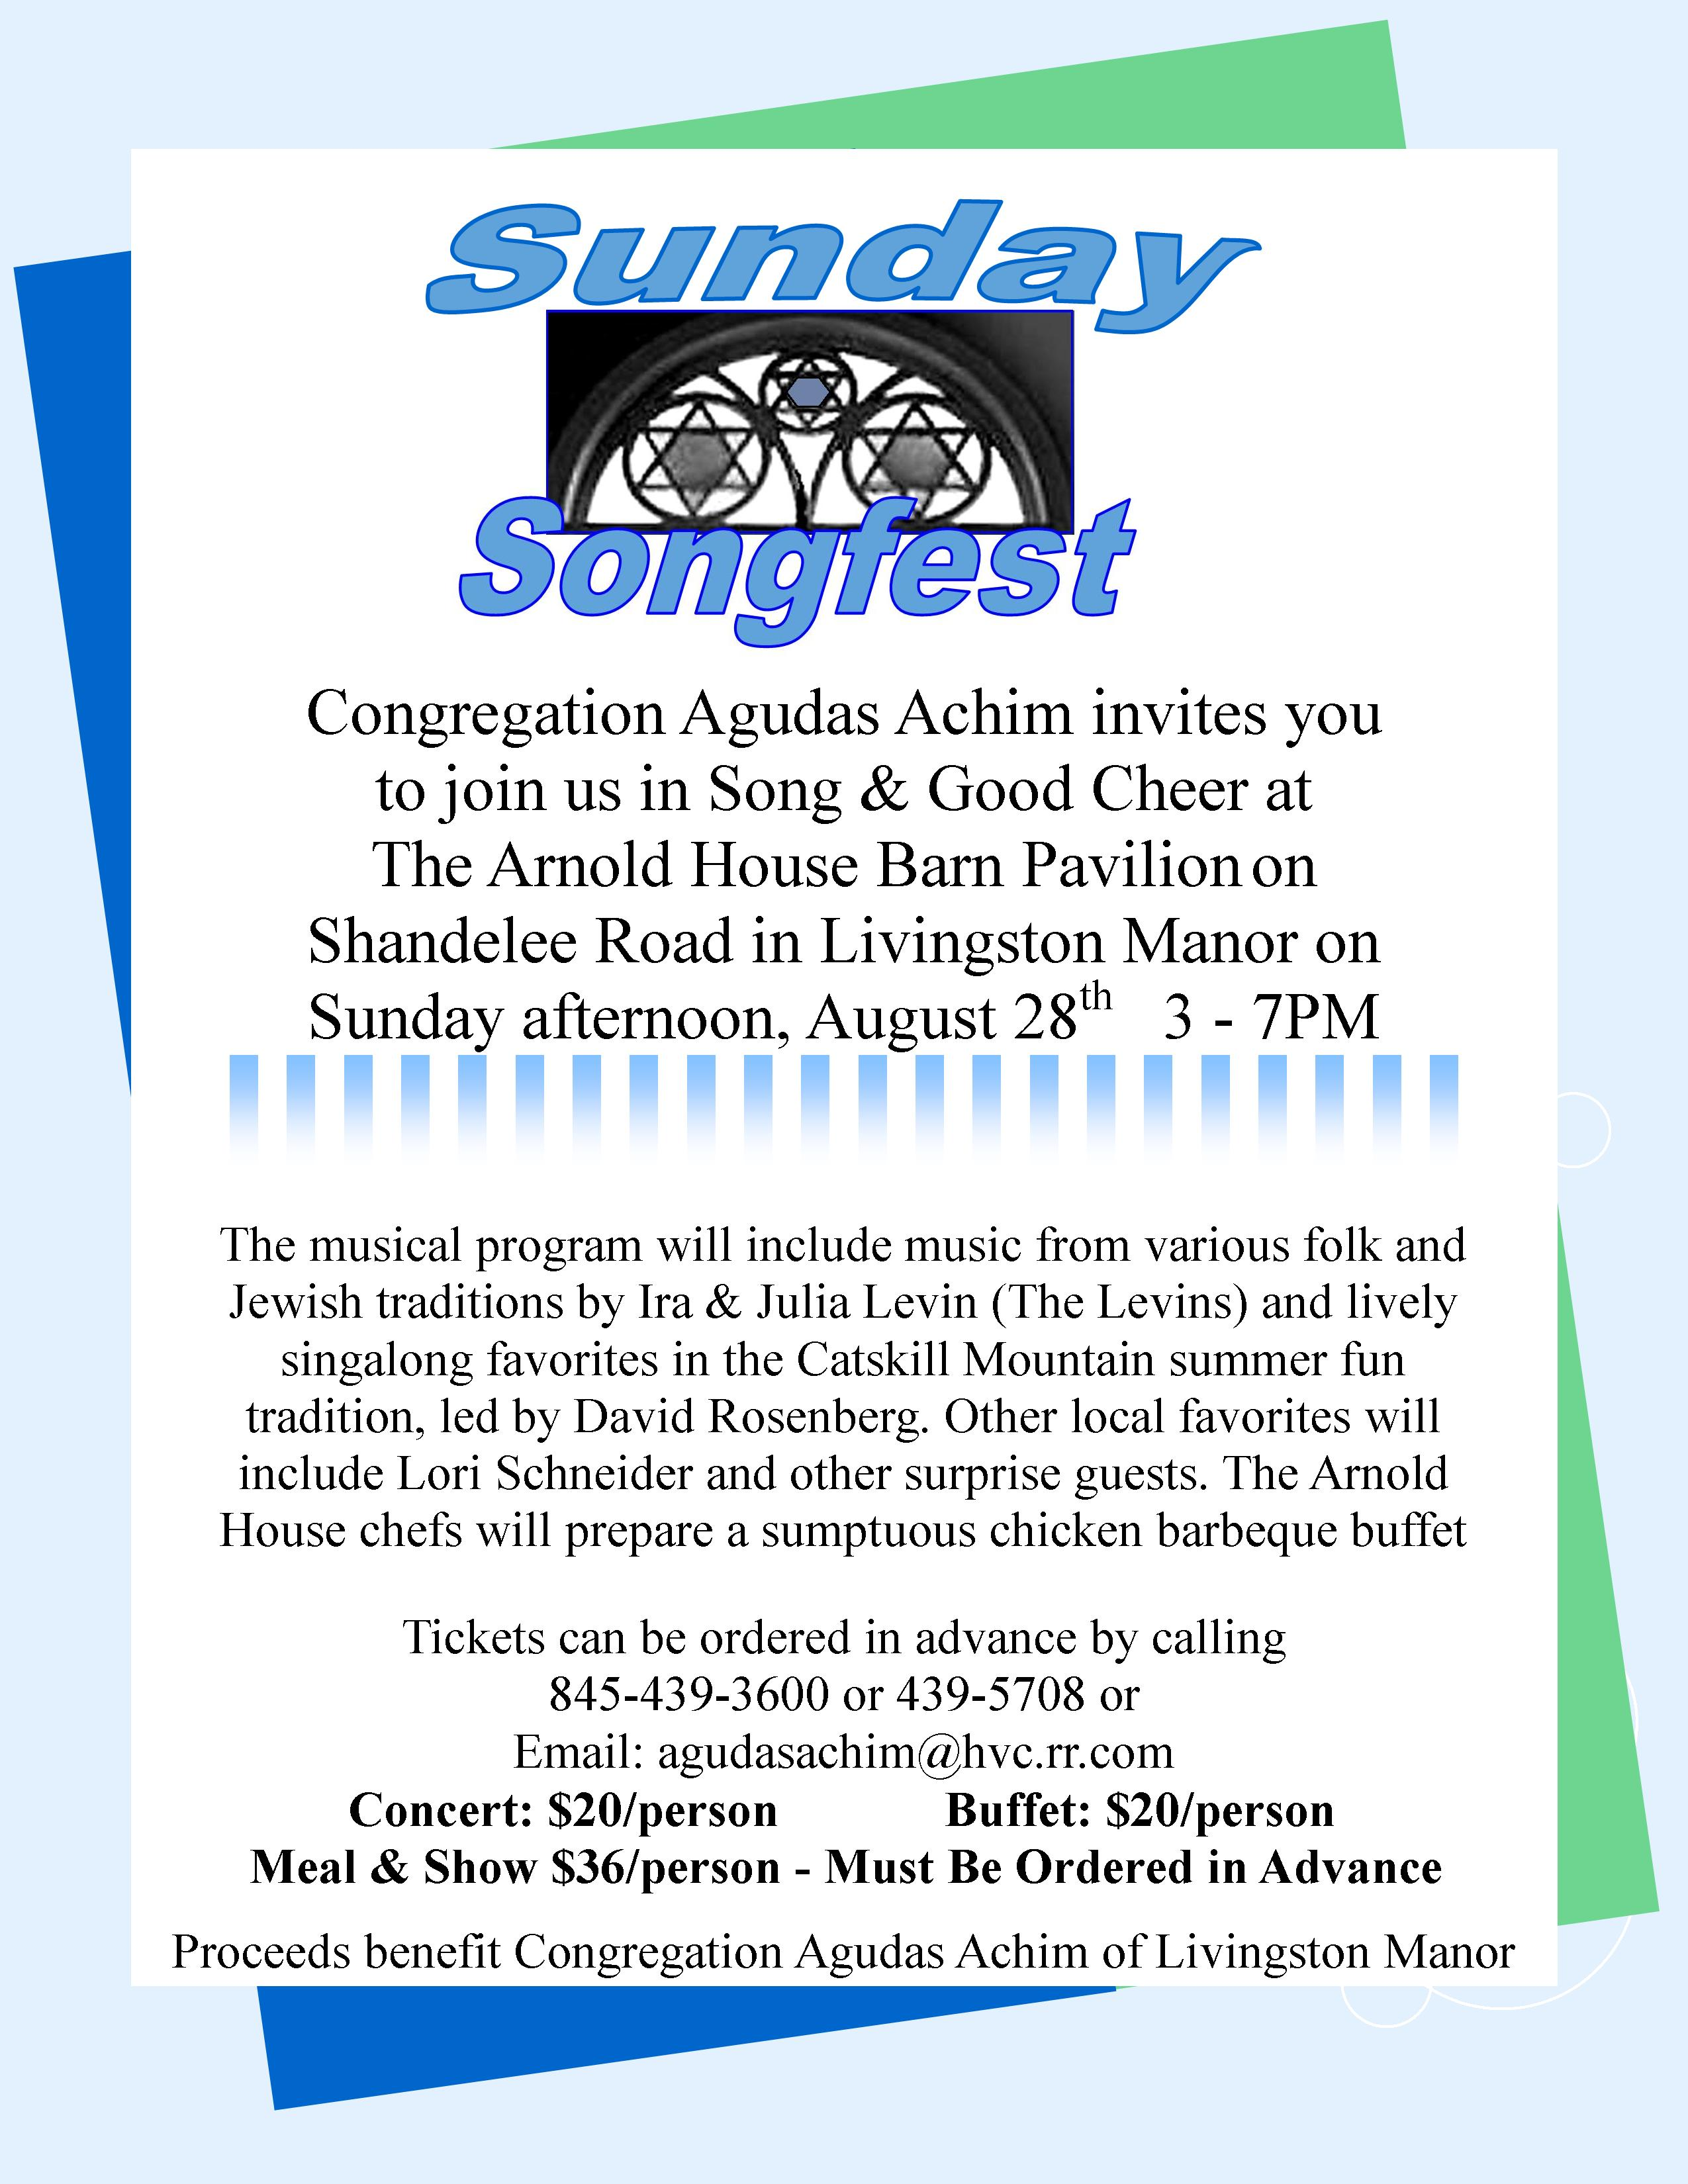 Songfestposter